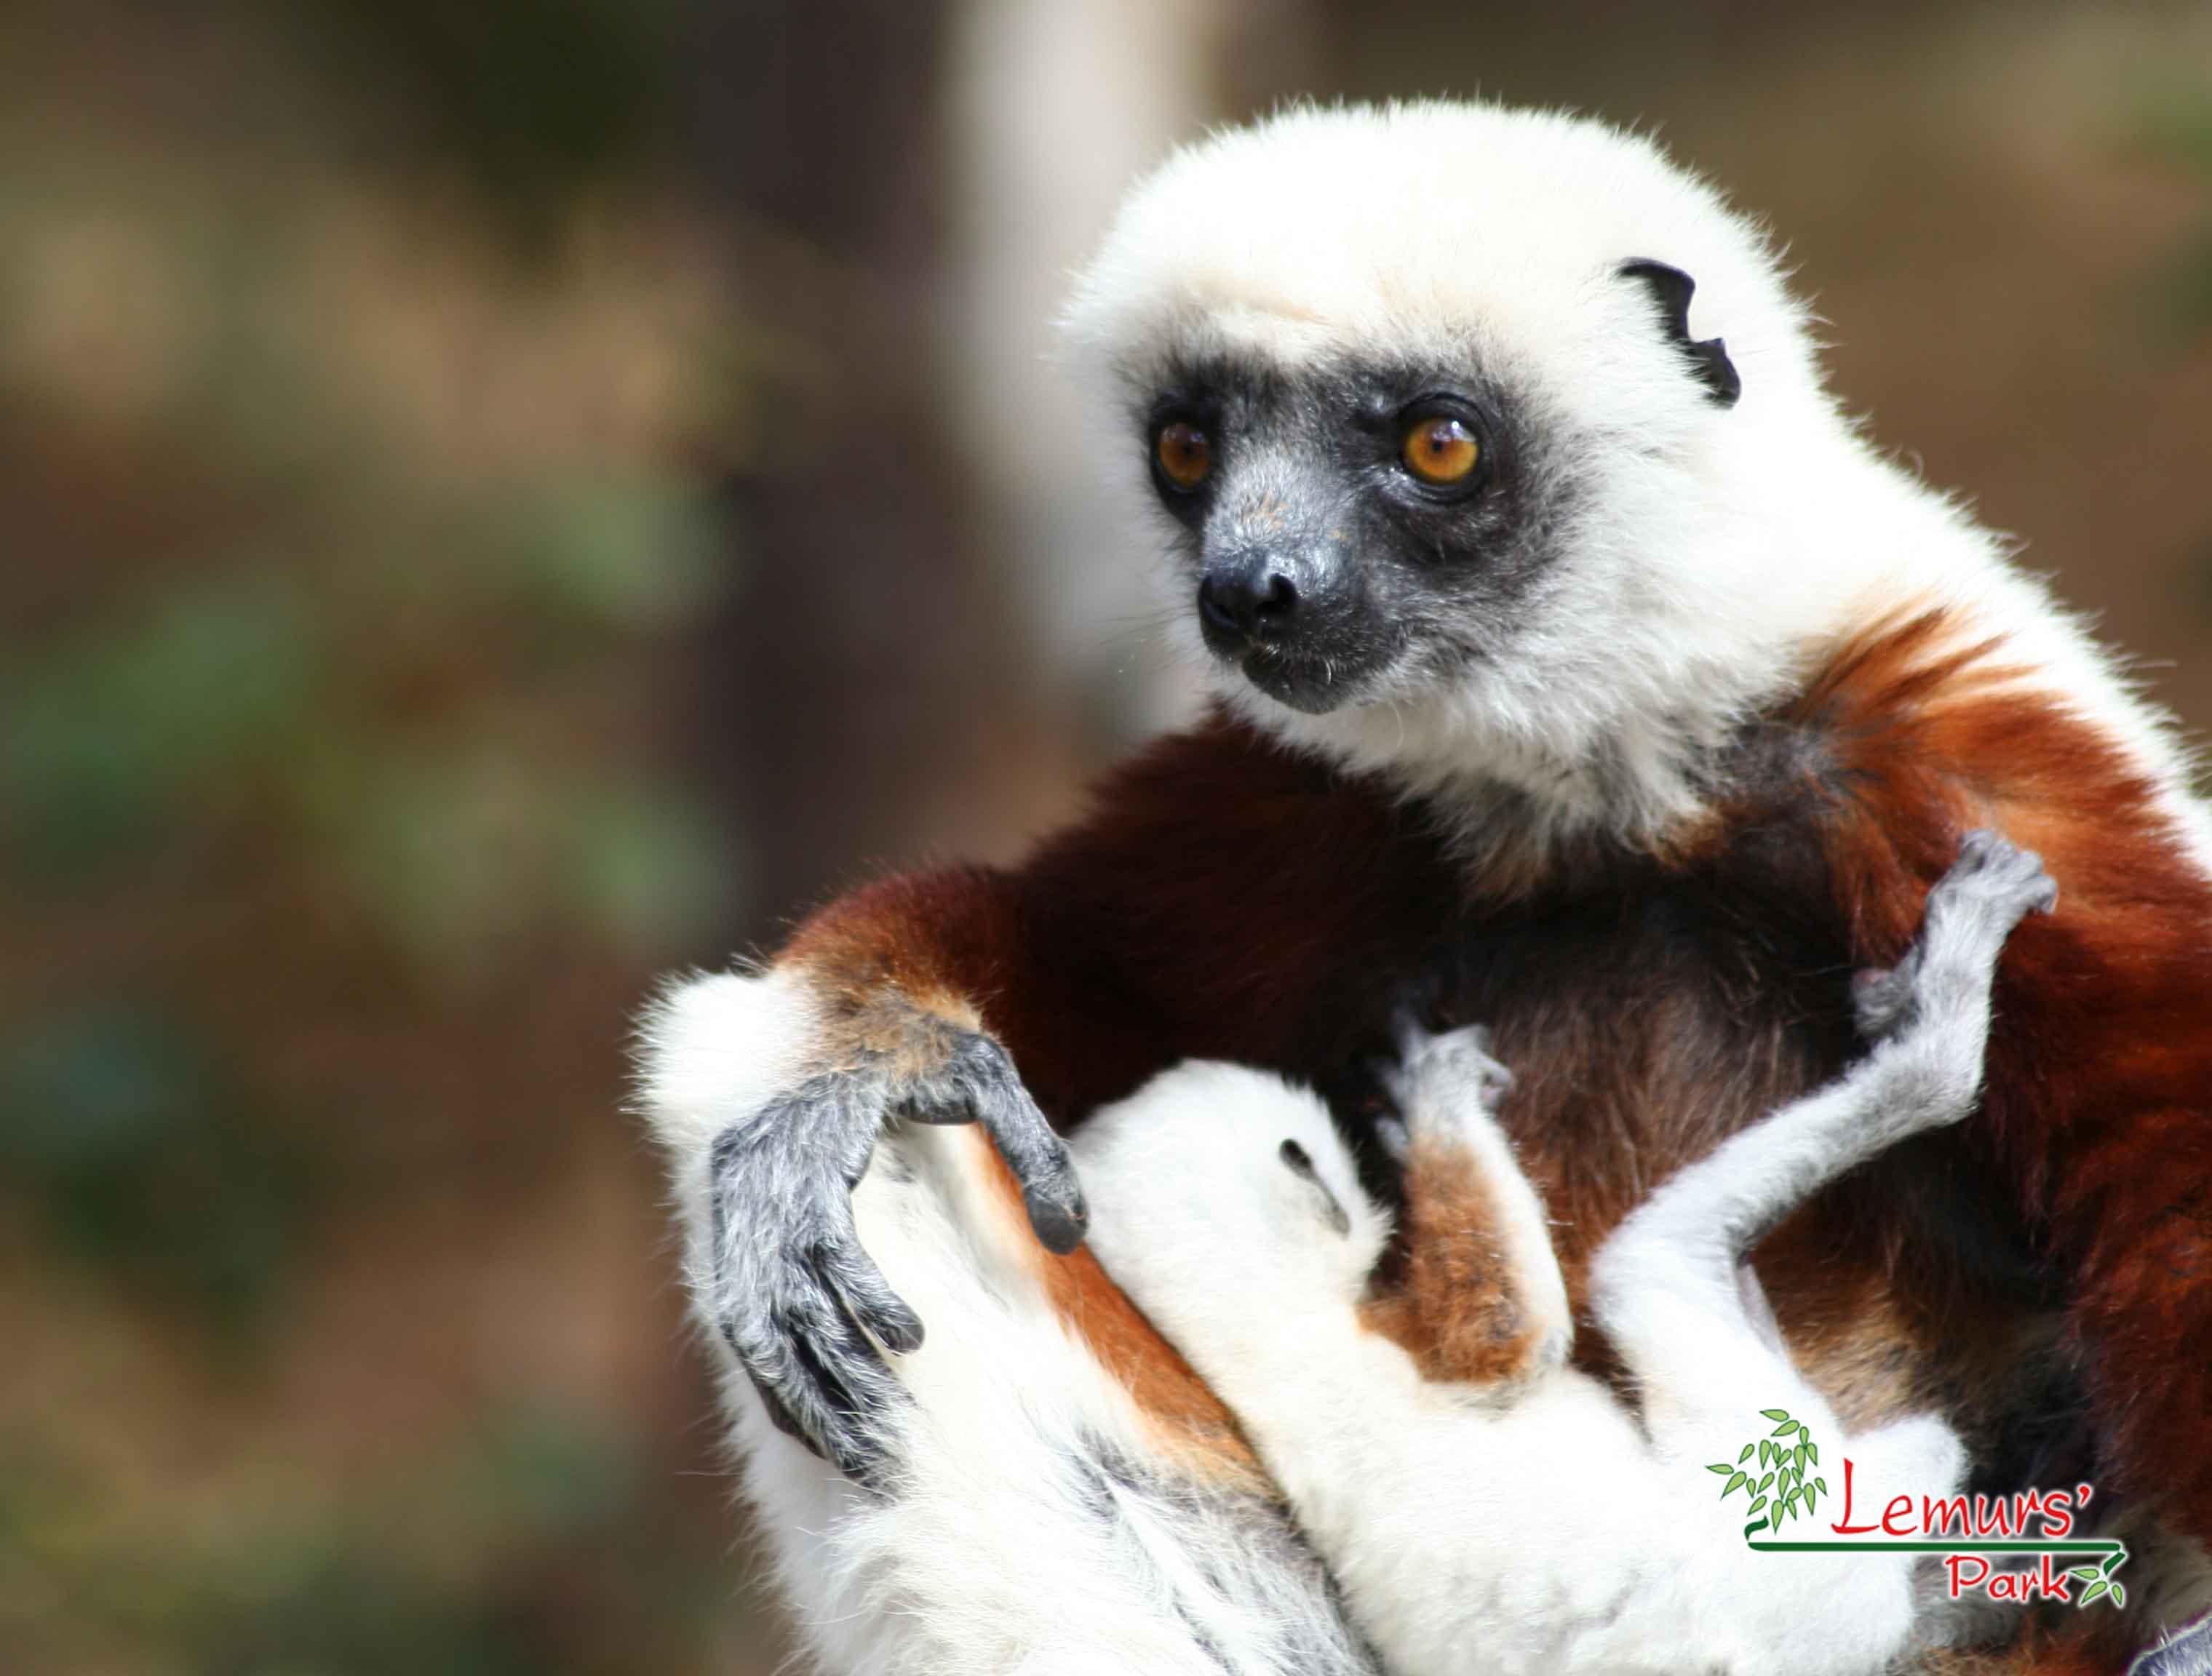 Lemurs Park Sifaka Lemur